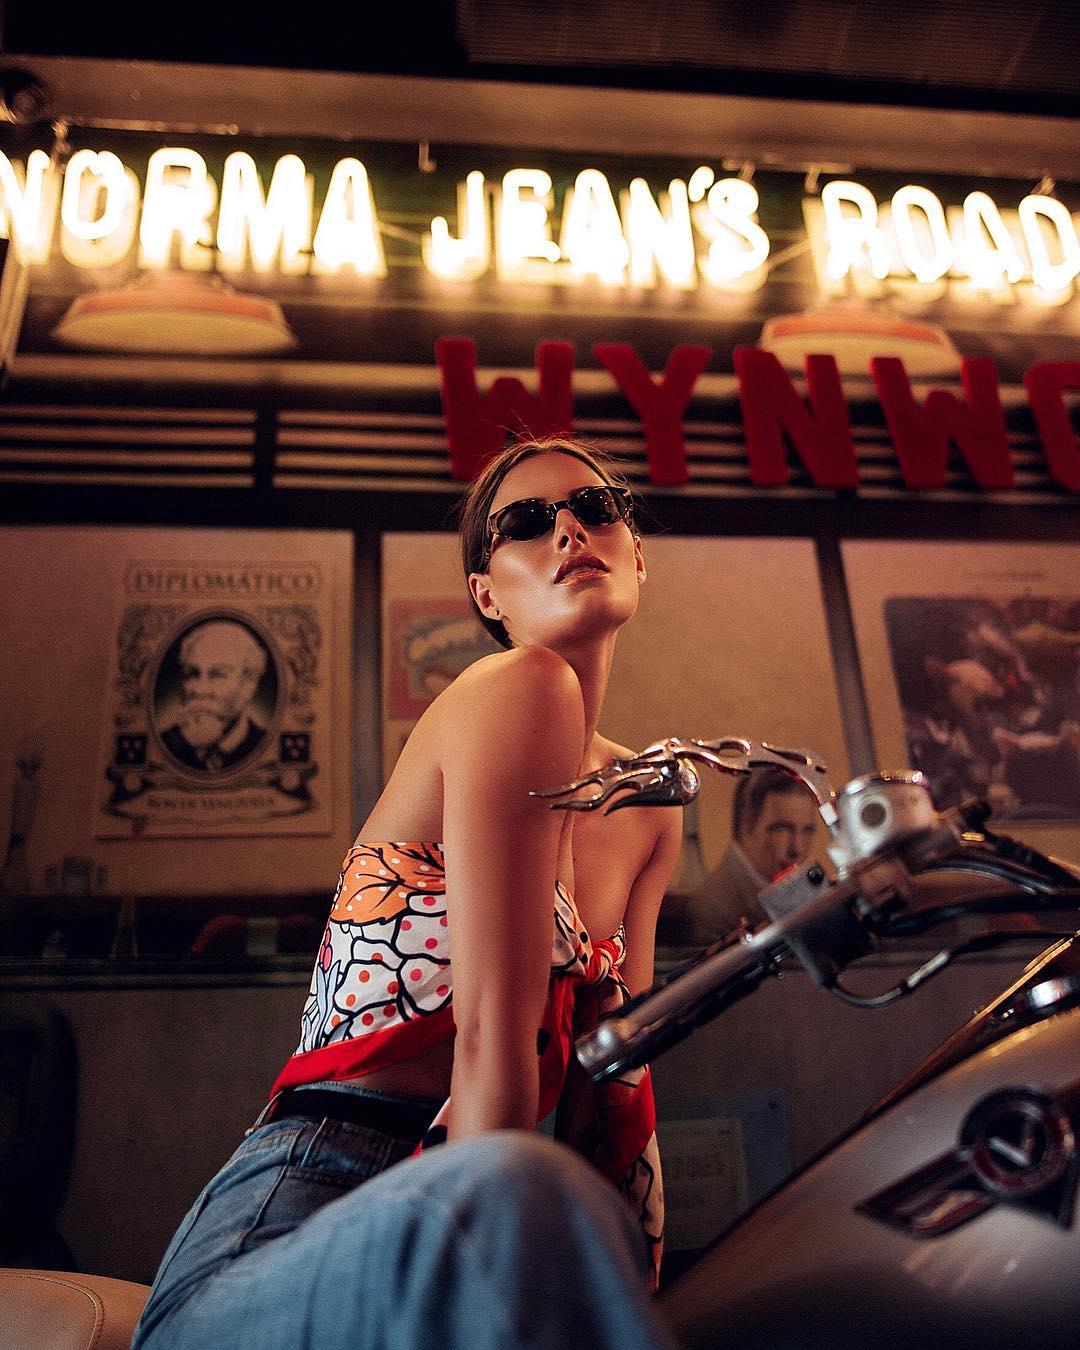 Фотографии моды и уличные портреты от Алехандро Гонсалеса